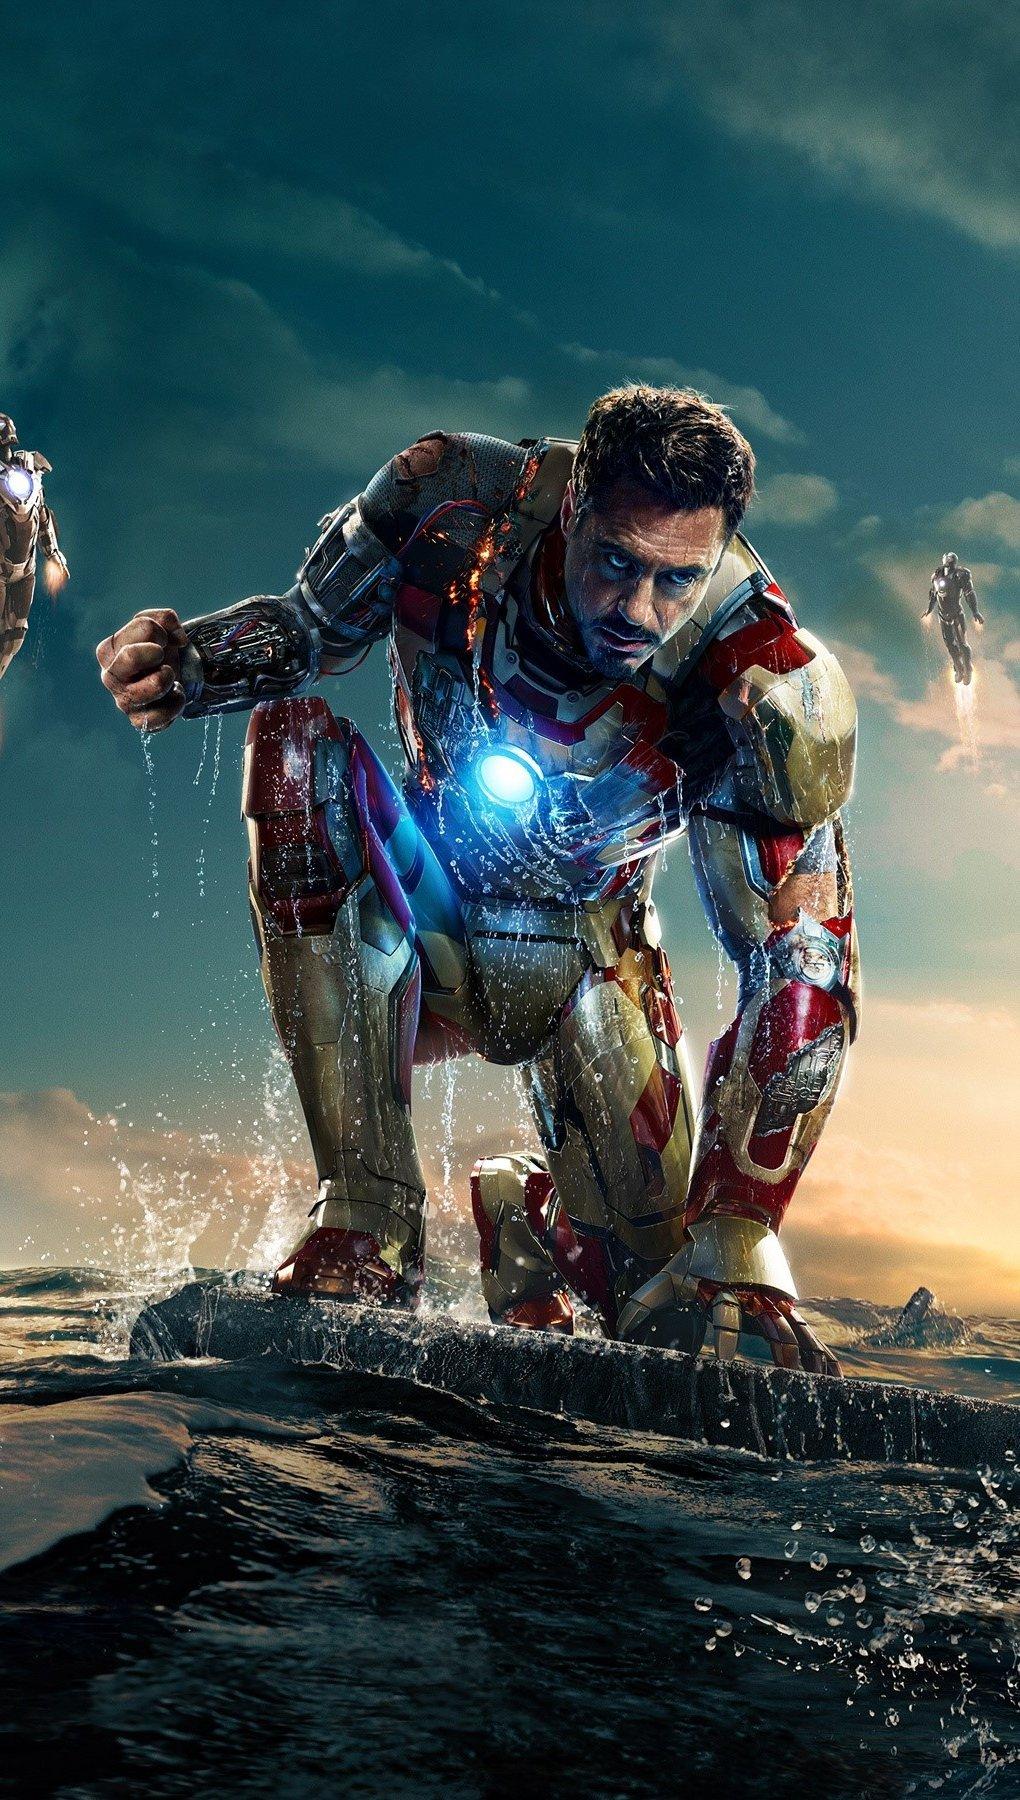 Wallpaper Iron man 3 New Vertical